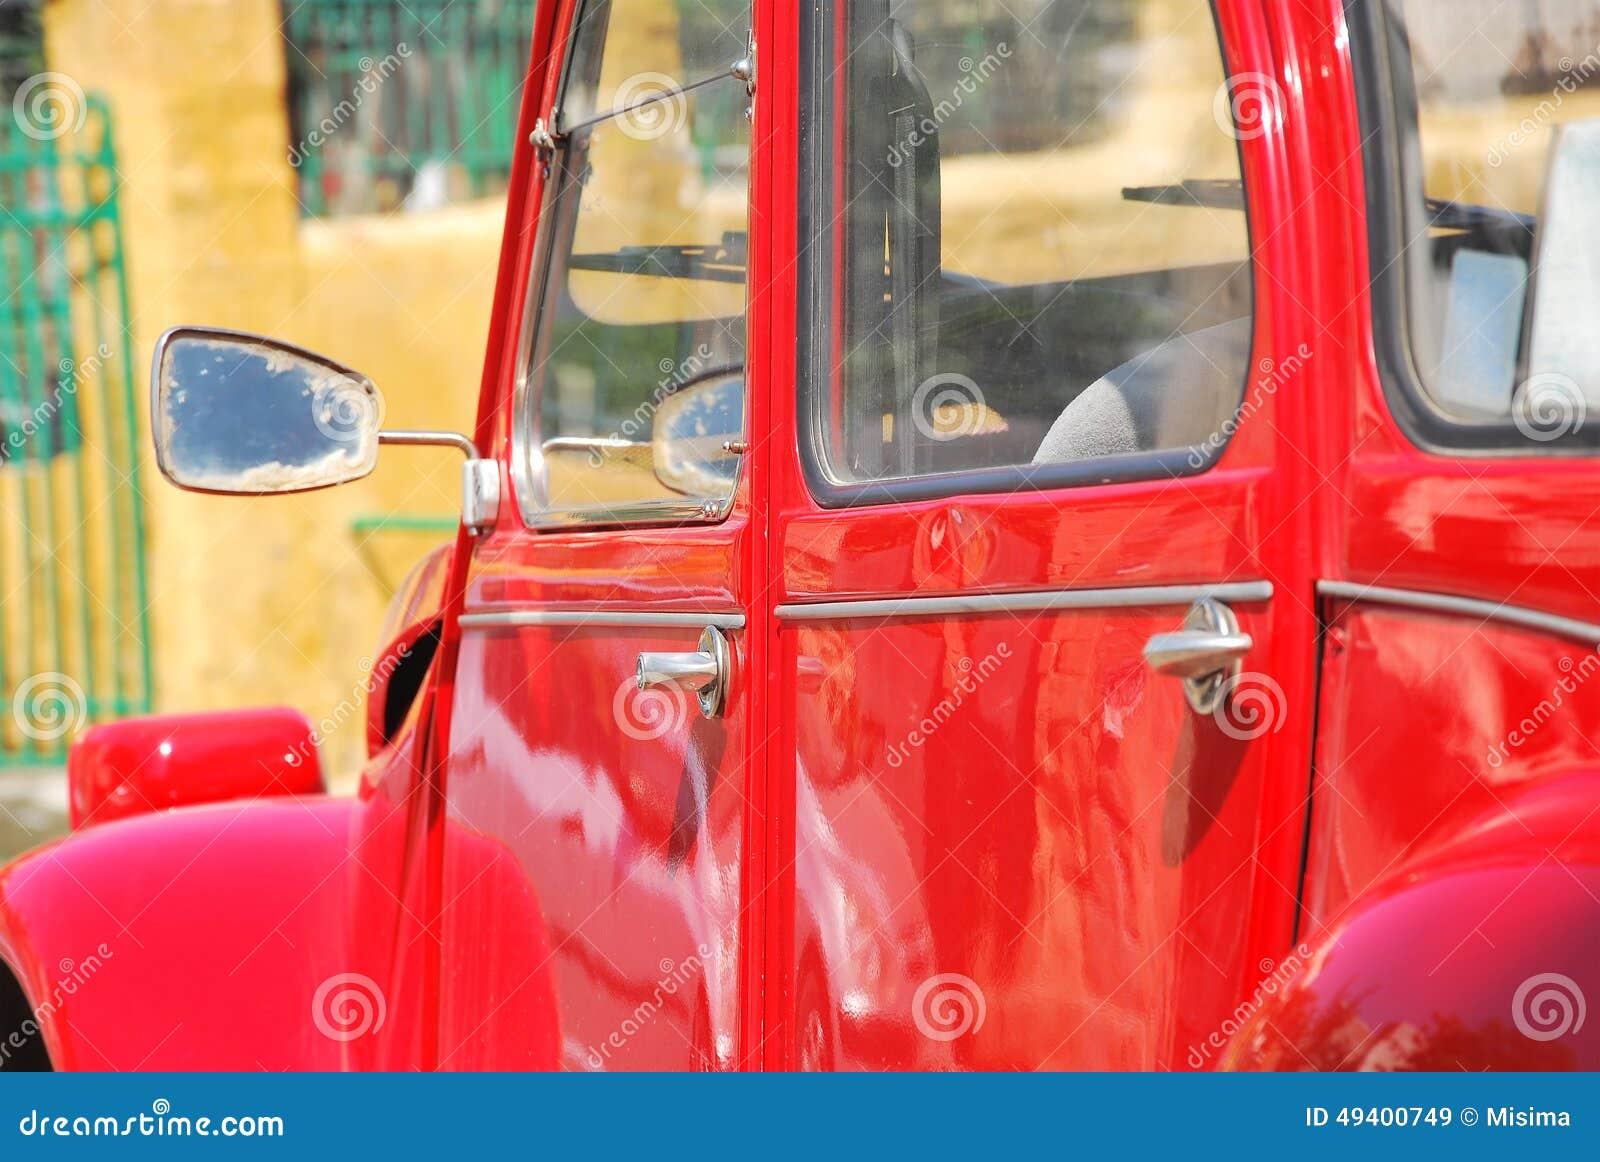 Download Rotes Retro- Auto stockbild. Bild von metallisch, verriegelung - 49400749